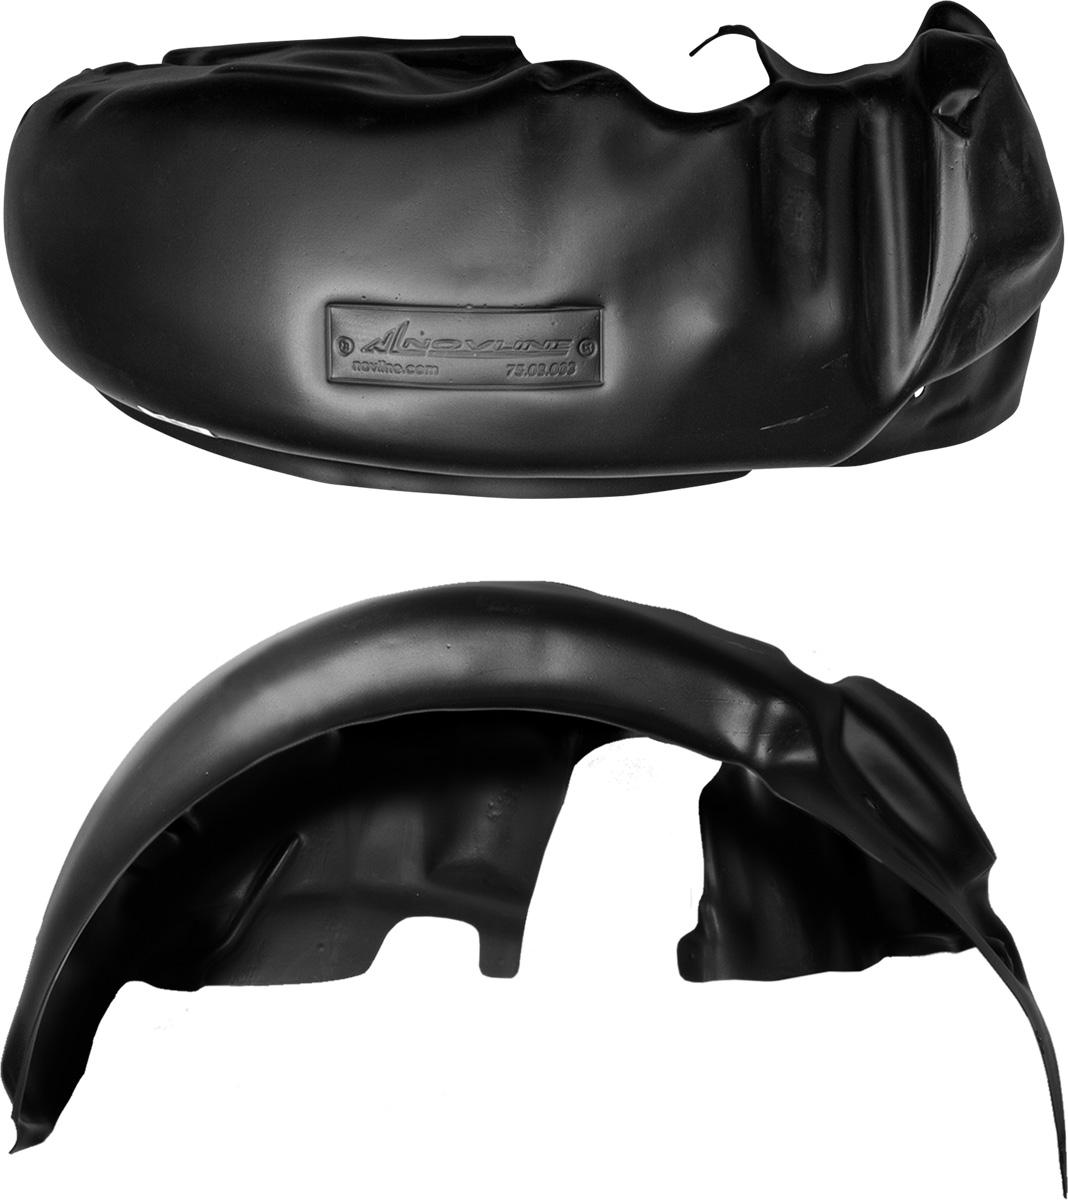 Подкрылки FORD Kuga, 2013->, задний правыйNLL.16.23.004Колесные ниши – одни из самых уязвимых зон днища вашего автомобиля. Они постоянно подвергаются воздействию со стороны дороги. Лучшая, почти абсолютная защита для них - специально отформованные пластиковые кожухи, которые называются подкрылками, или локерами. Производятся они как для отечественных моделей автомобилей, так и для иномарок. Подкрылки выполнены из высококачественного, экологически чистого пластика. Обеспечивают надежную защиту кузова автомобиля от пескоструйного эффекта и негативного влияния, агрессивных антигололедных реагентов. Пластик обладает более низкой теплопроводностью, чем металл, поэтому в зимний период эксплуатации использование пластиковых подкрылков позволяет лучше защитить колесные ниши от налипания снега и образования наледи. Оригинальность конструкции подчеркивает элегантность автомобиля, бережно защищает нанесенное на днище кузова антикоррозийное покрытие и позволяет осуществить крепление подкрылков внутри колесной арки практически без дополнительного...